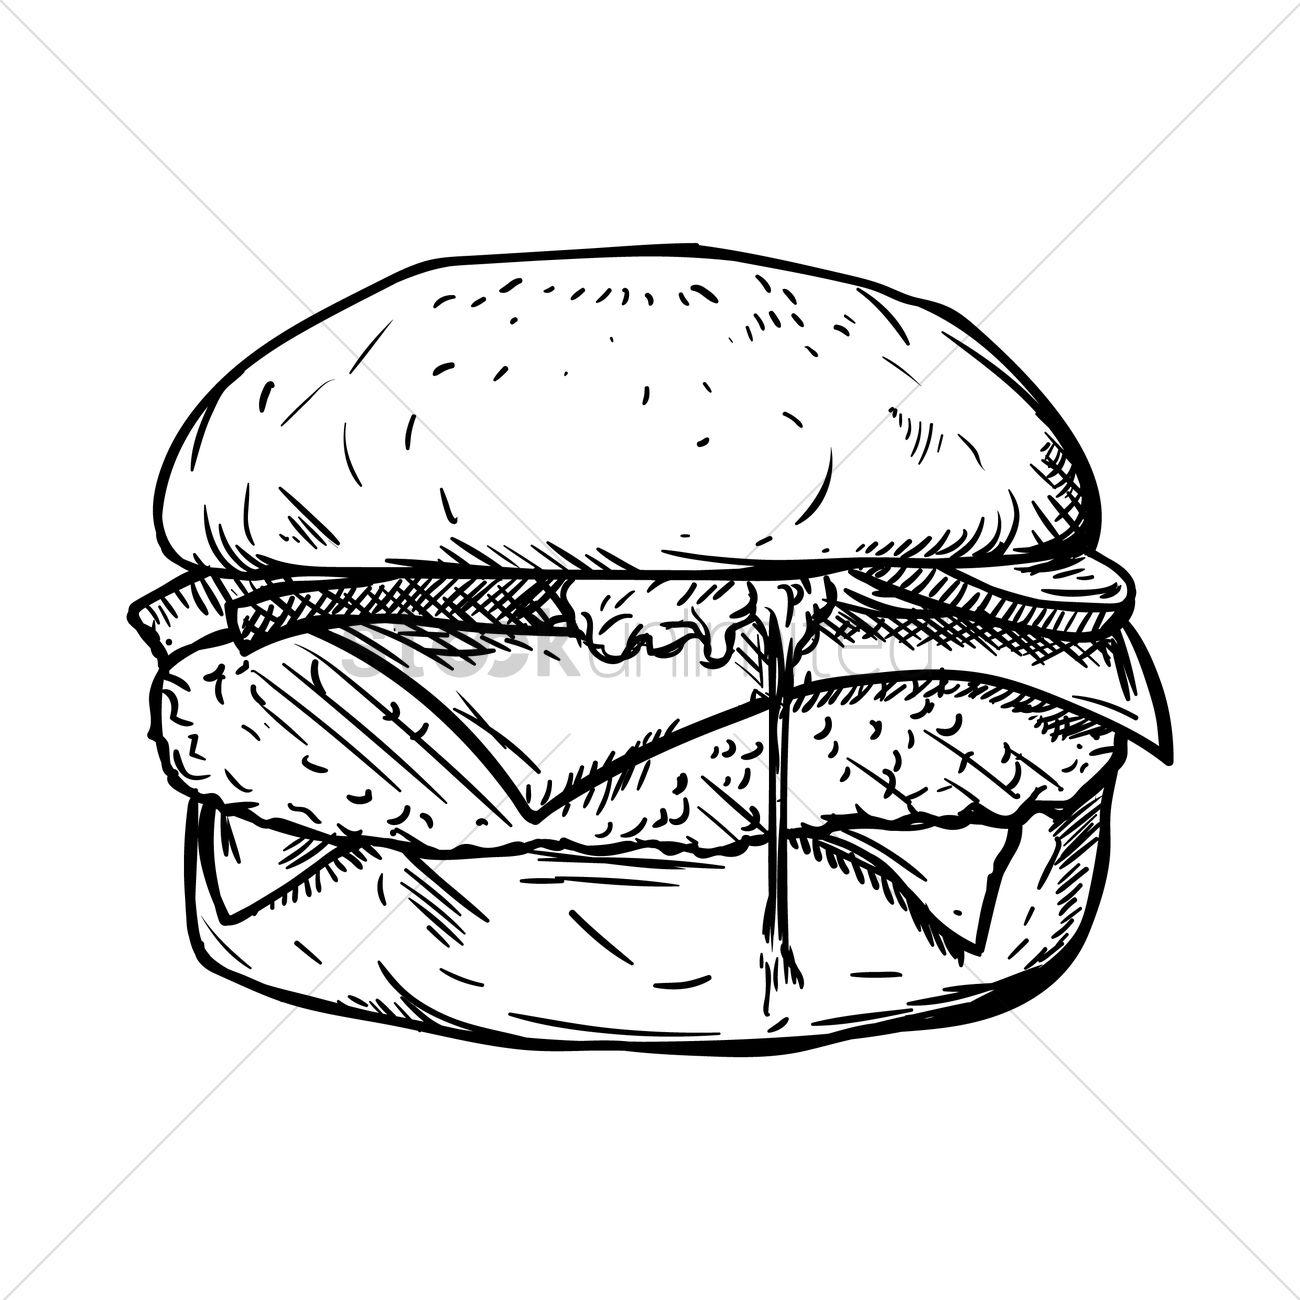 Cheeseburger Drawing At Getdrawings